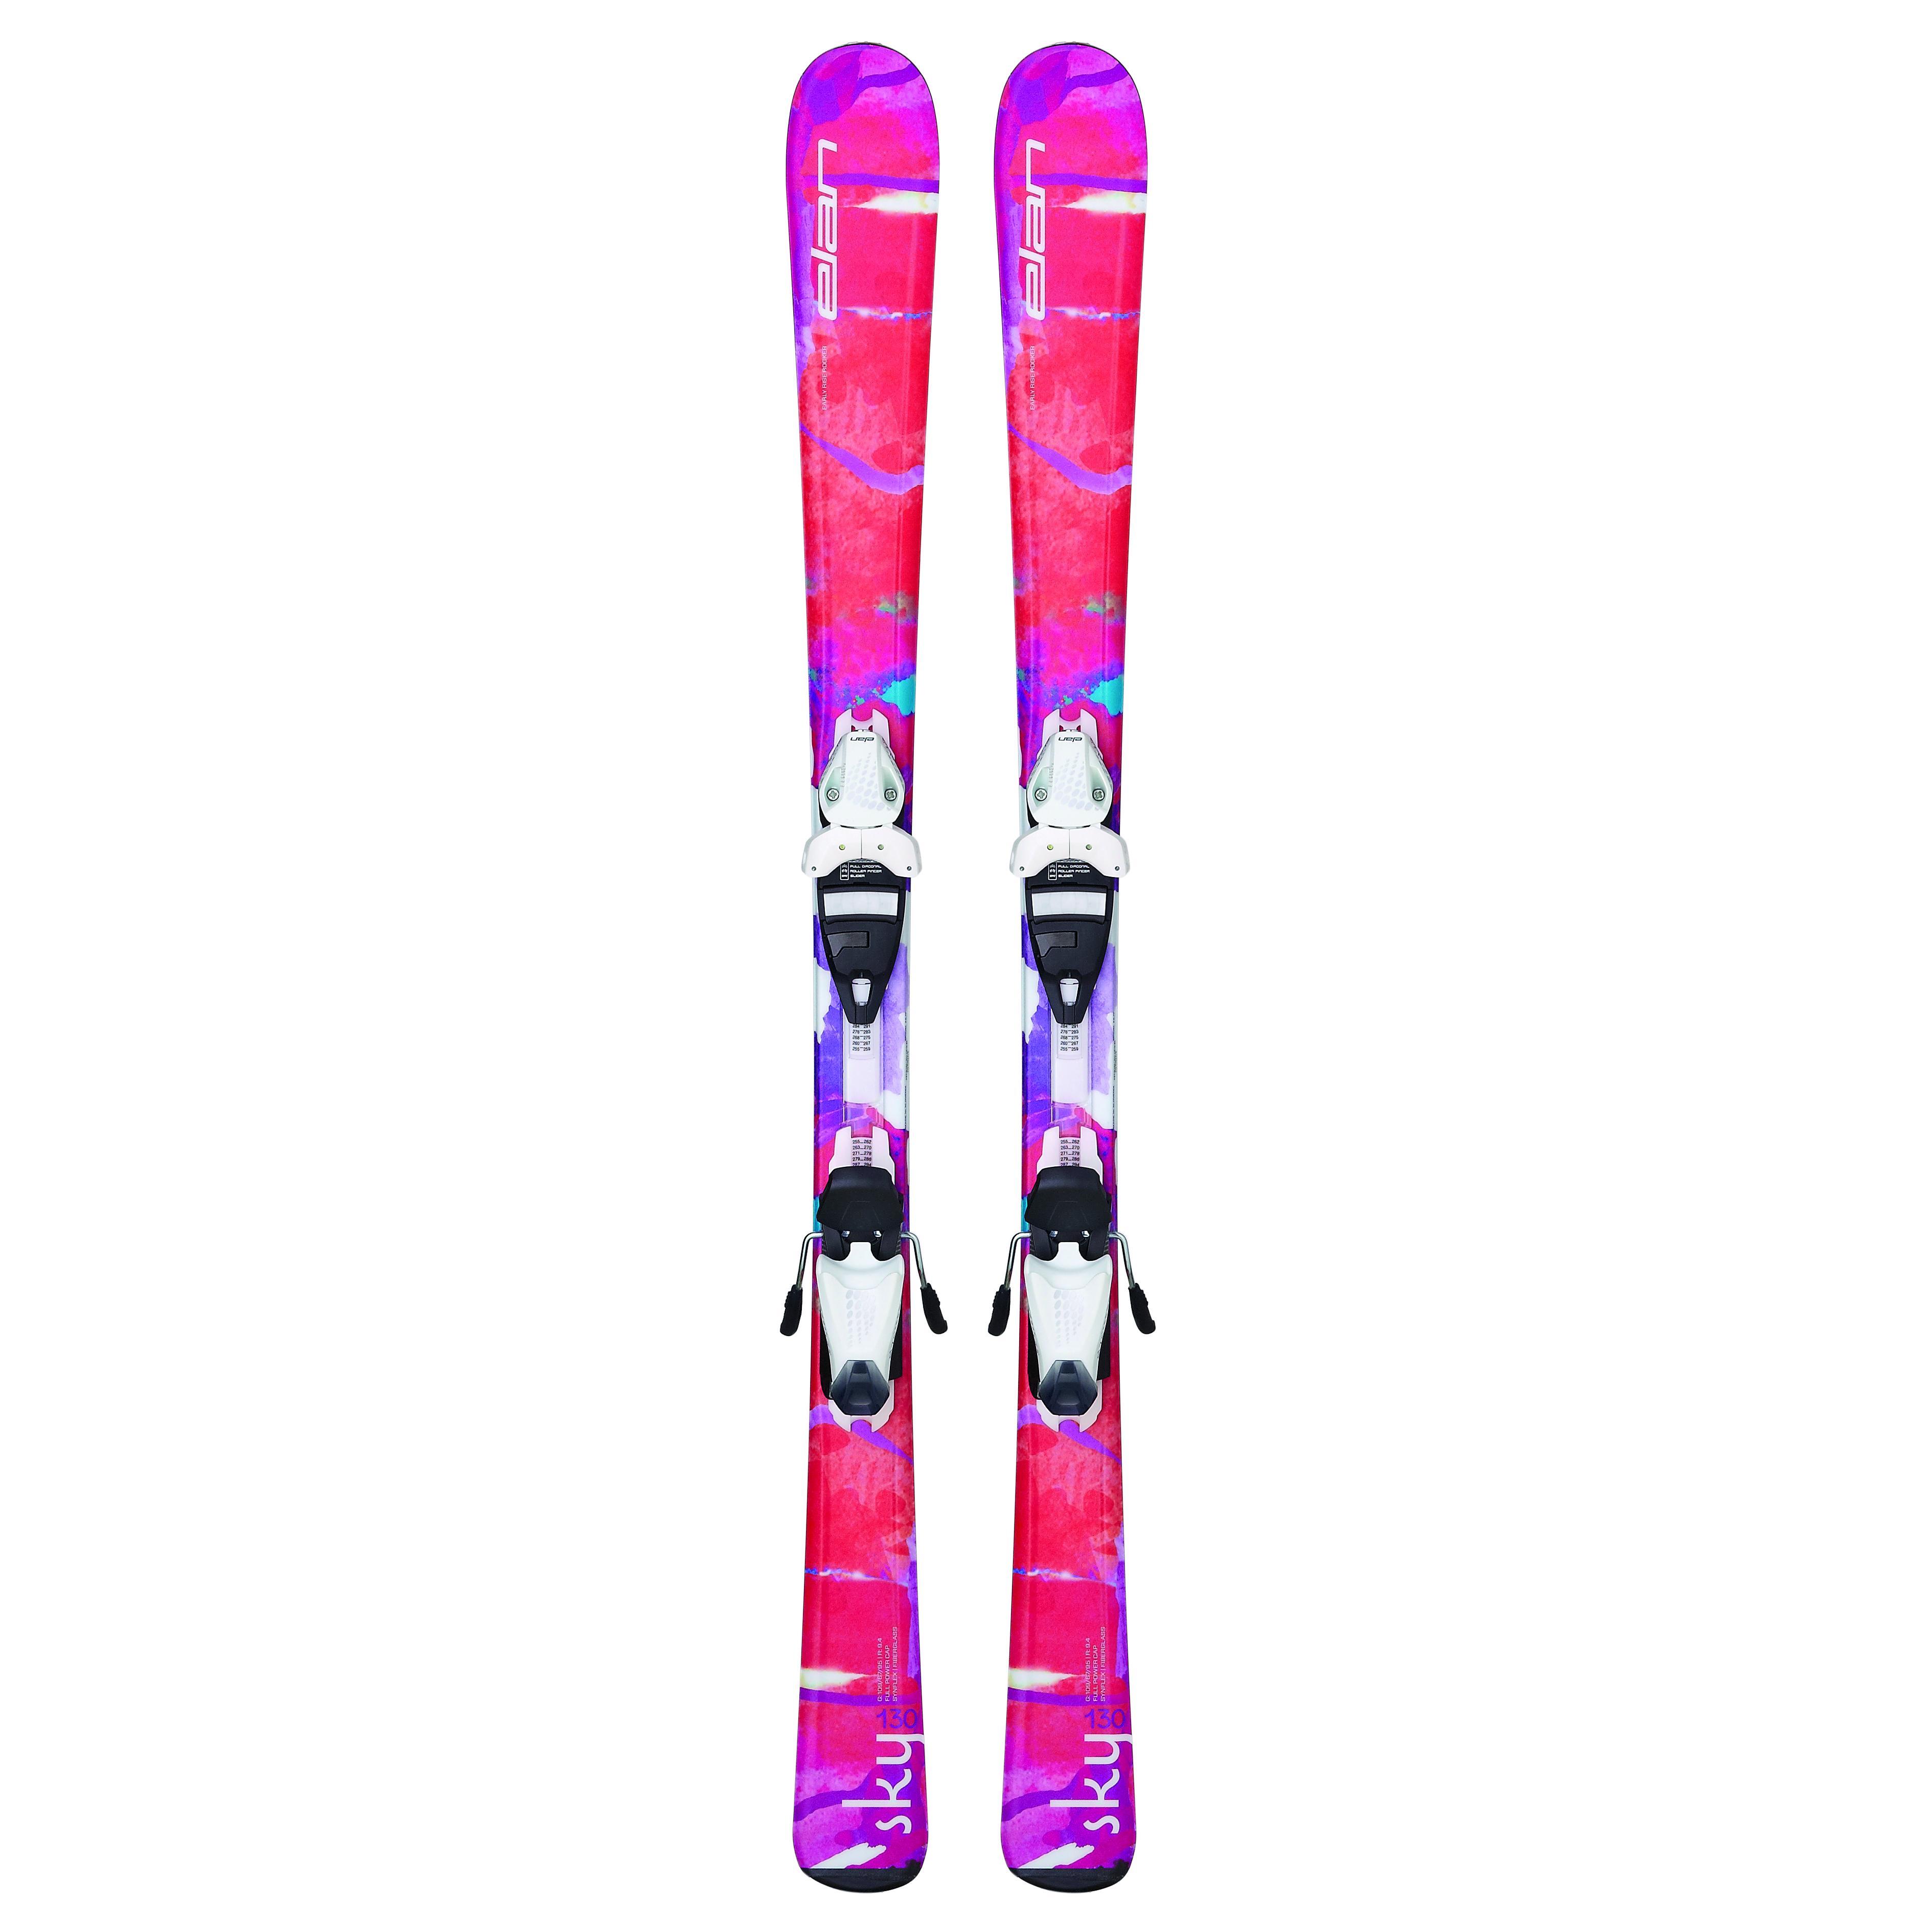 Купить Горные лыжи с креплениями Elan 2015-16 SKY QT EL 7.5 (130-150), лыжи, 1195961